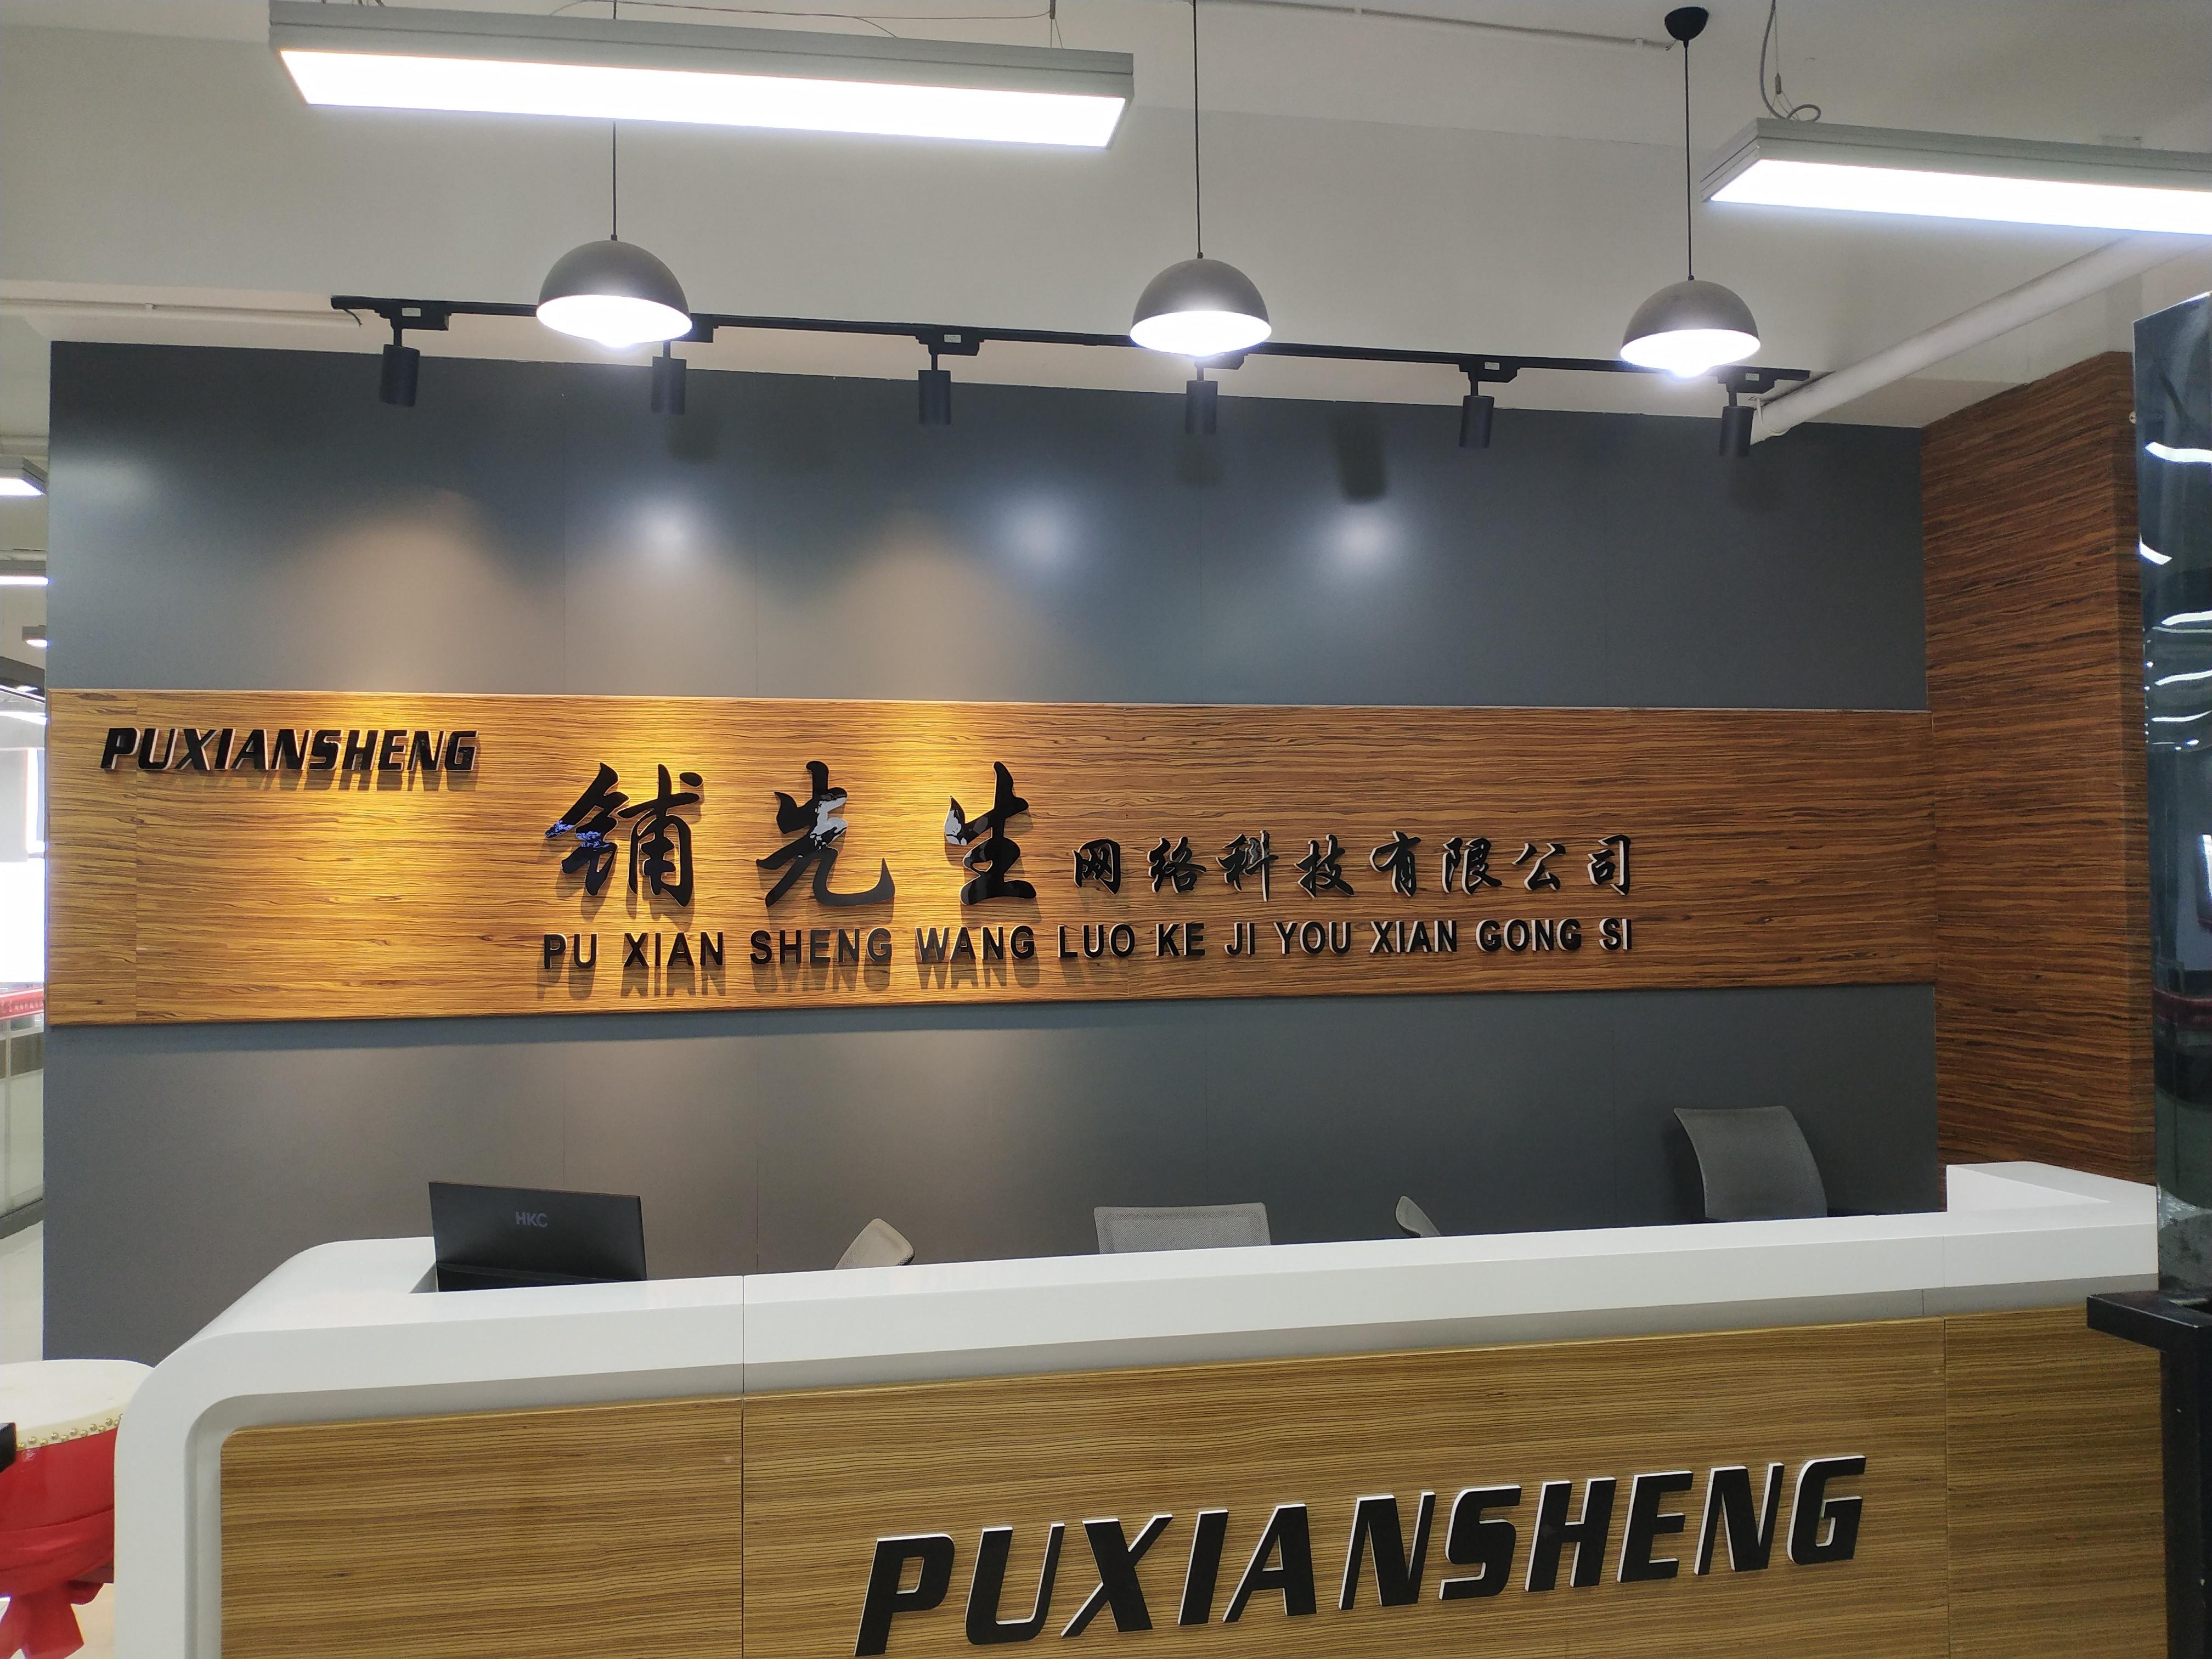 转店网友:东莞转让商铺哪个平台靠谱?